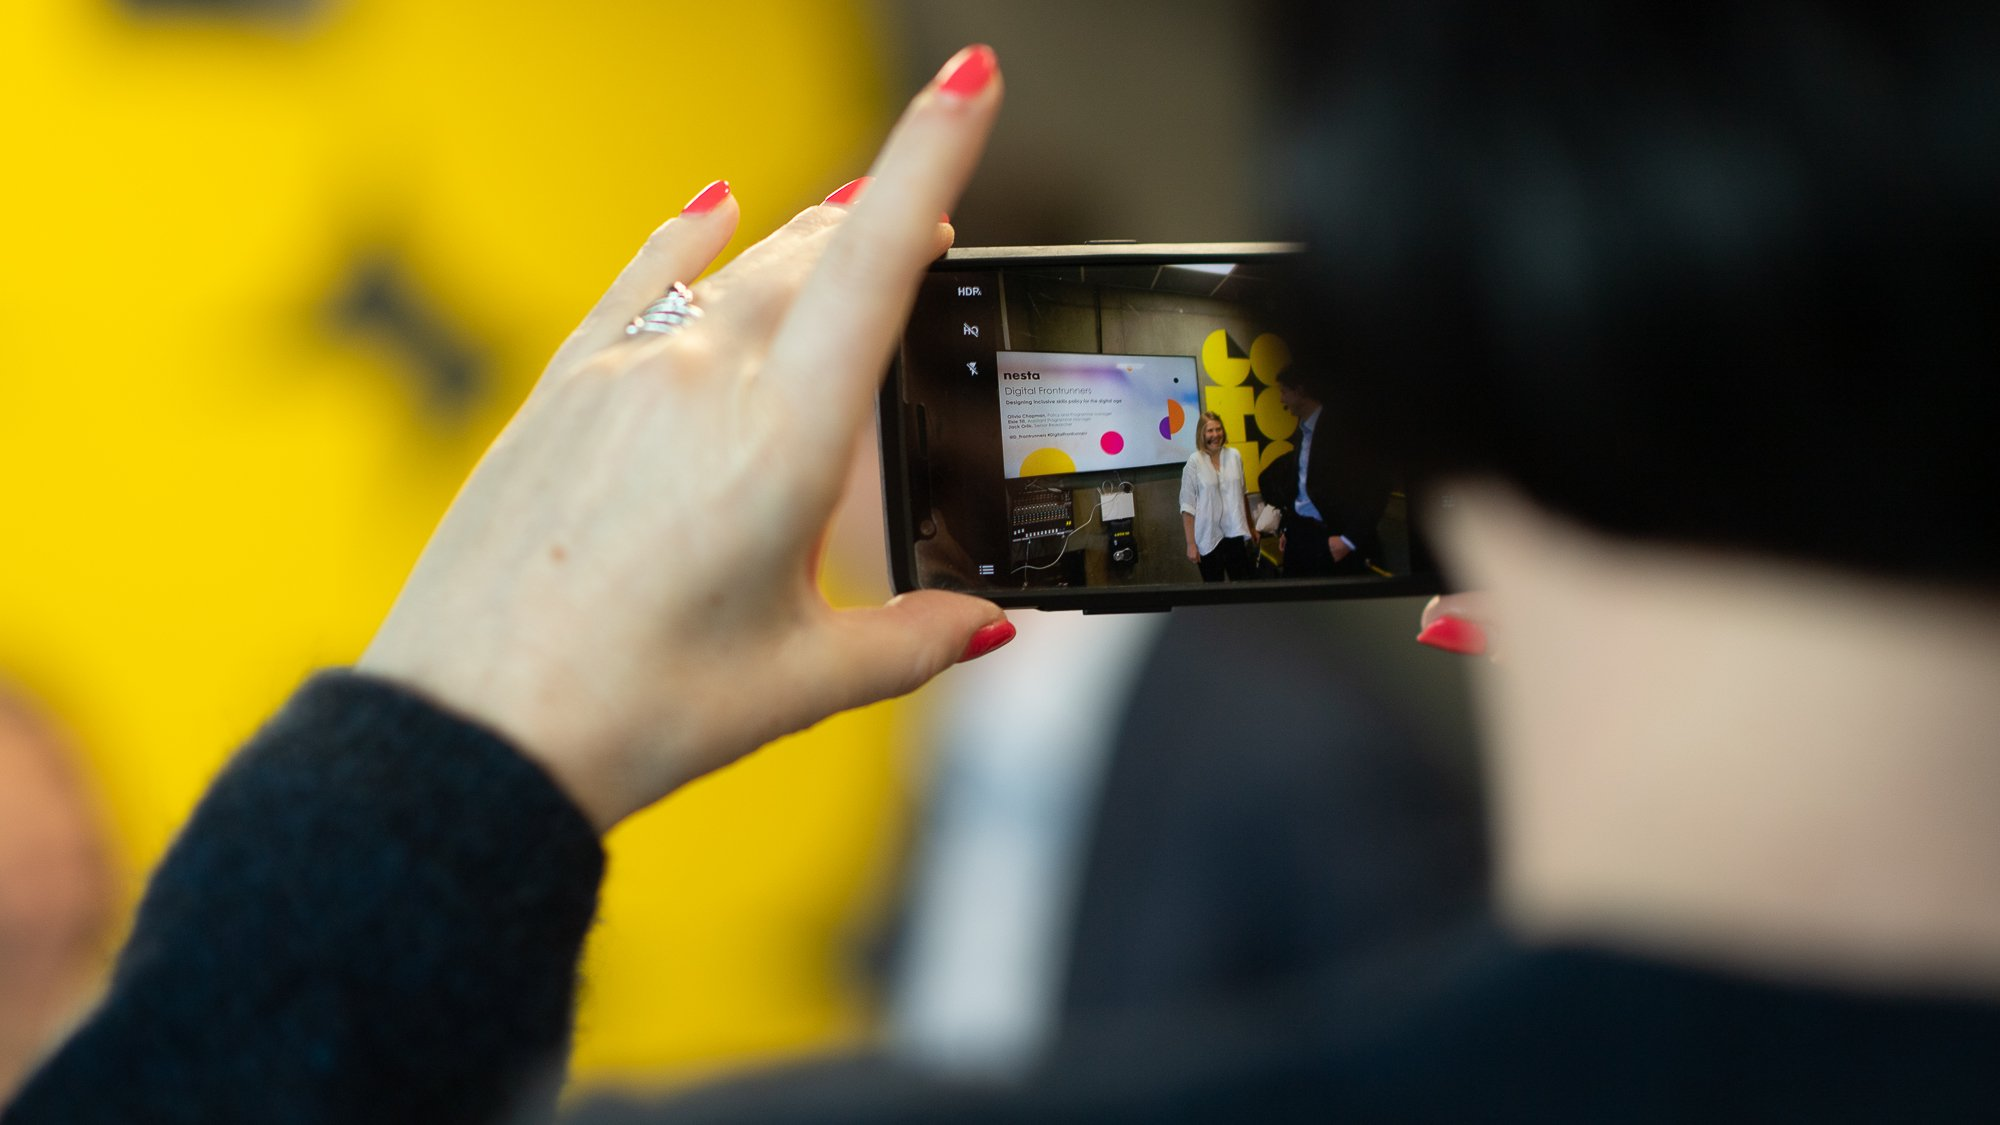 Kvinna sedd bakifrån fotograferar event på Goto10 med mobilkamera.